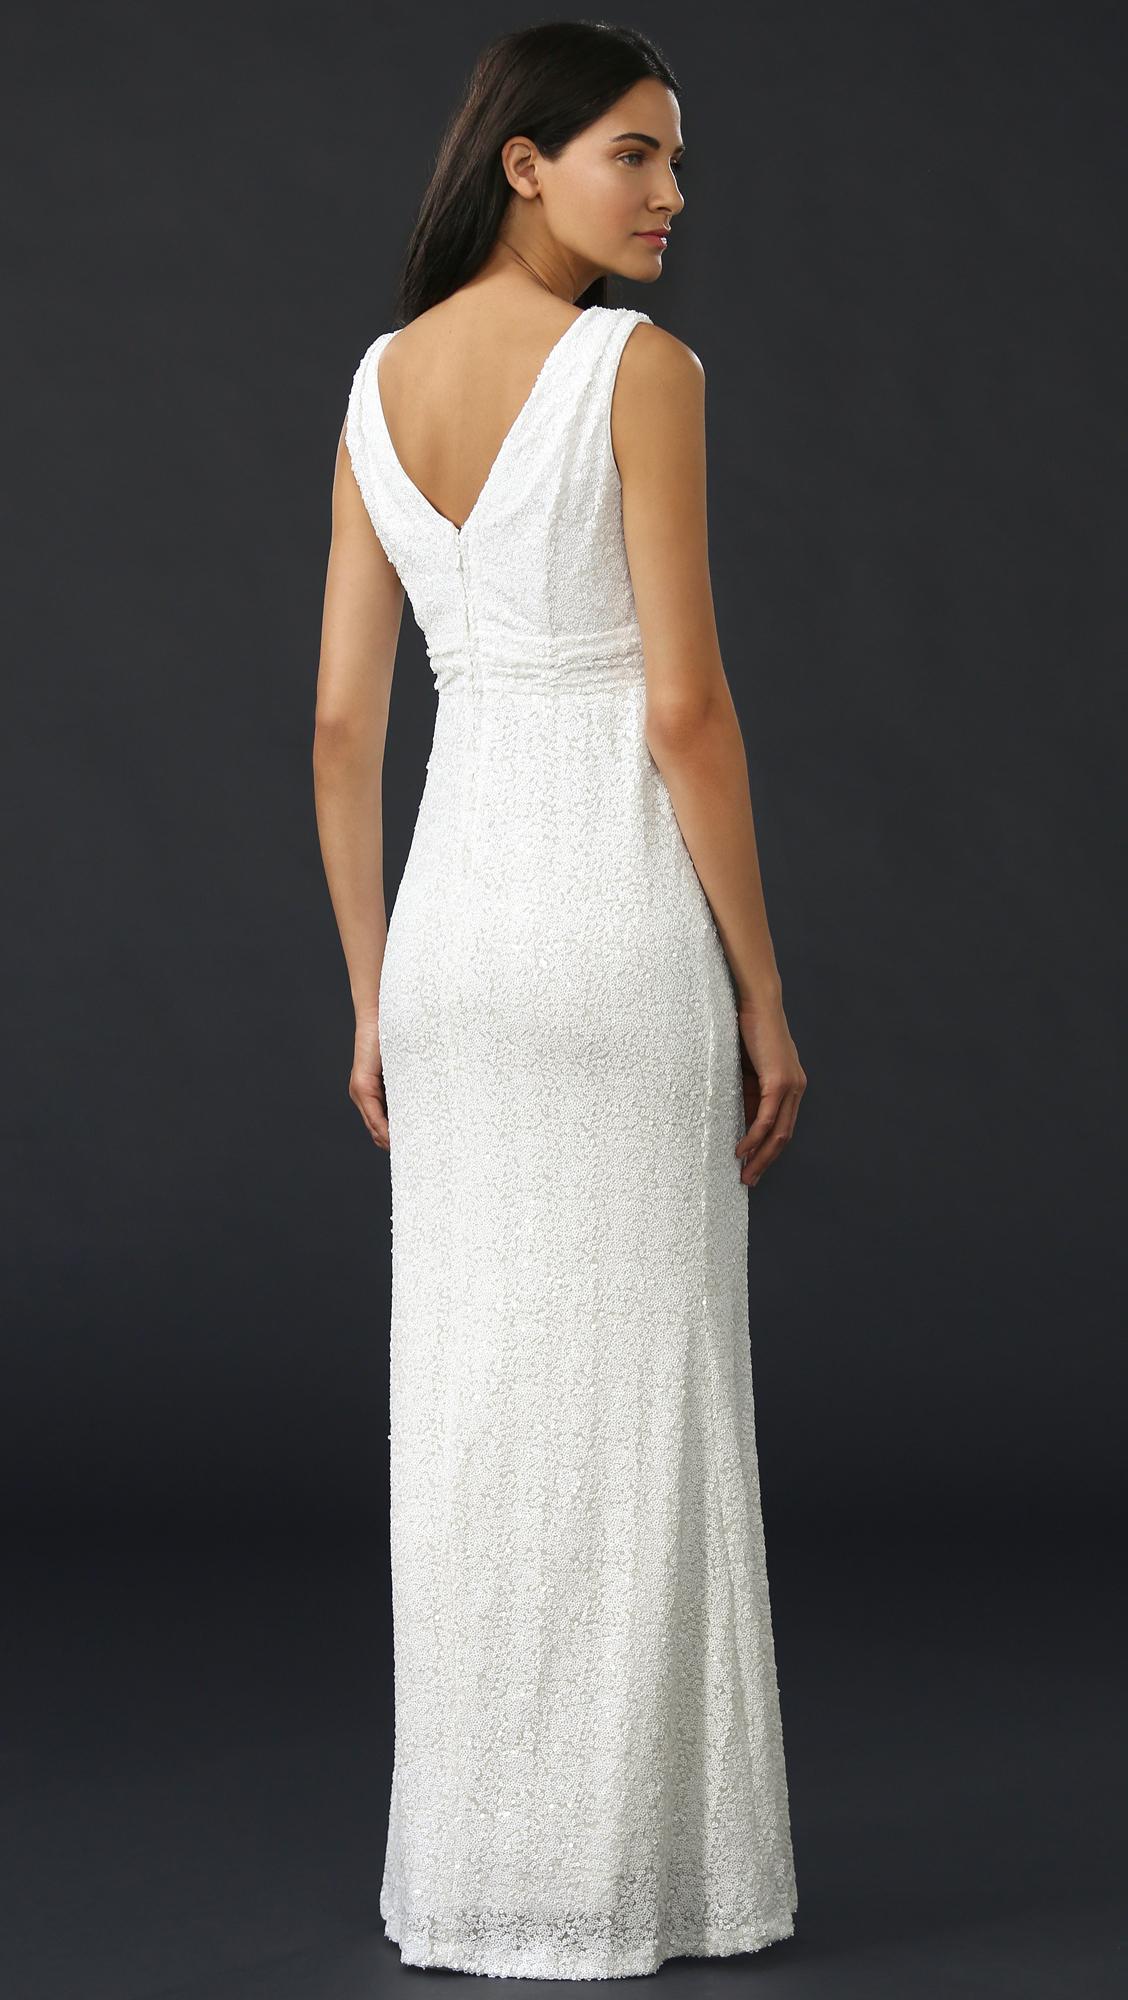 Belle badgley mishka white dress